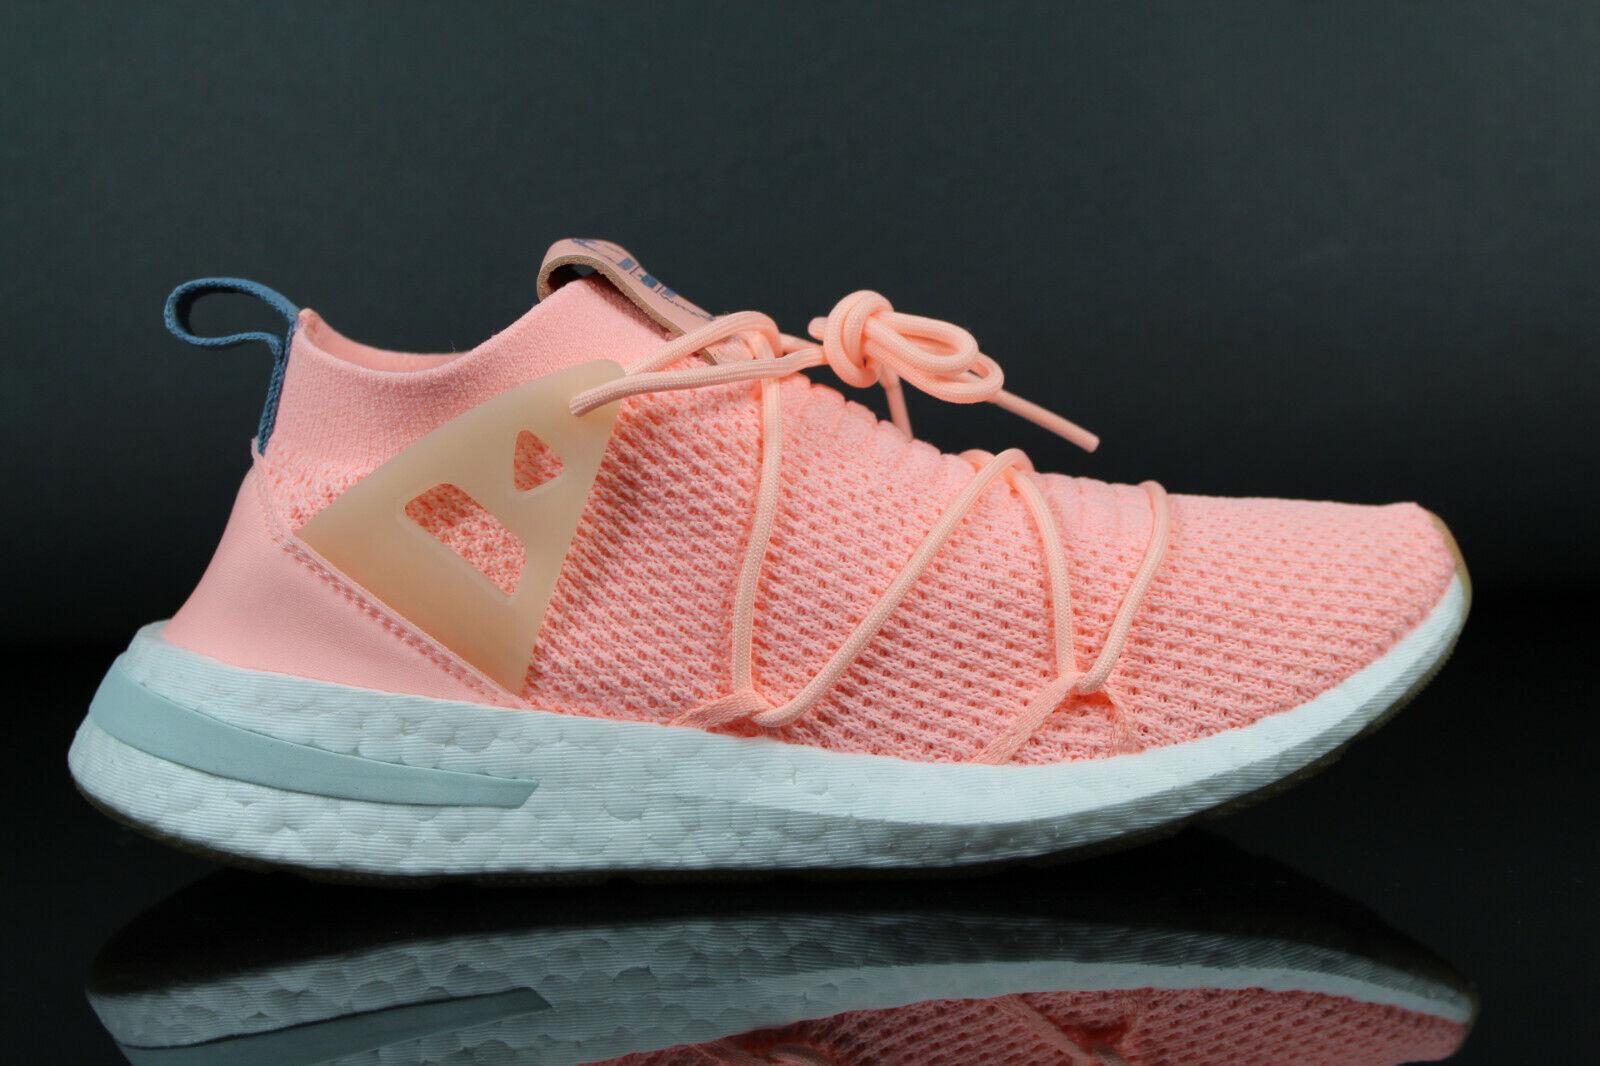 NEW Adidas Originals arkyn PK W mujer Sport zapatos zapatilla de deporte zapatos Casual B96508